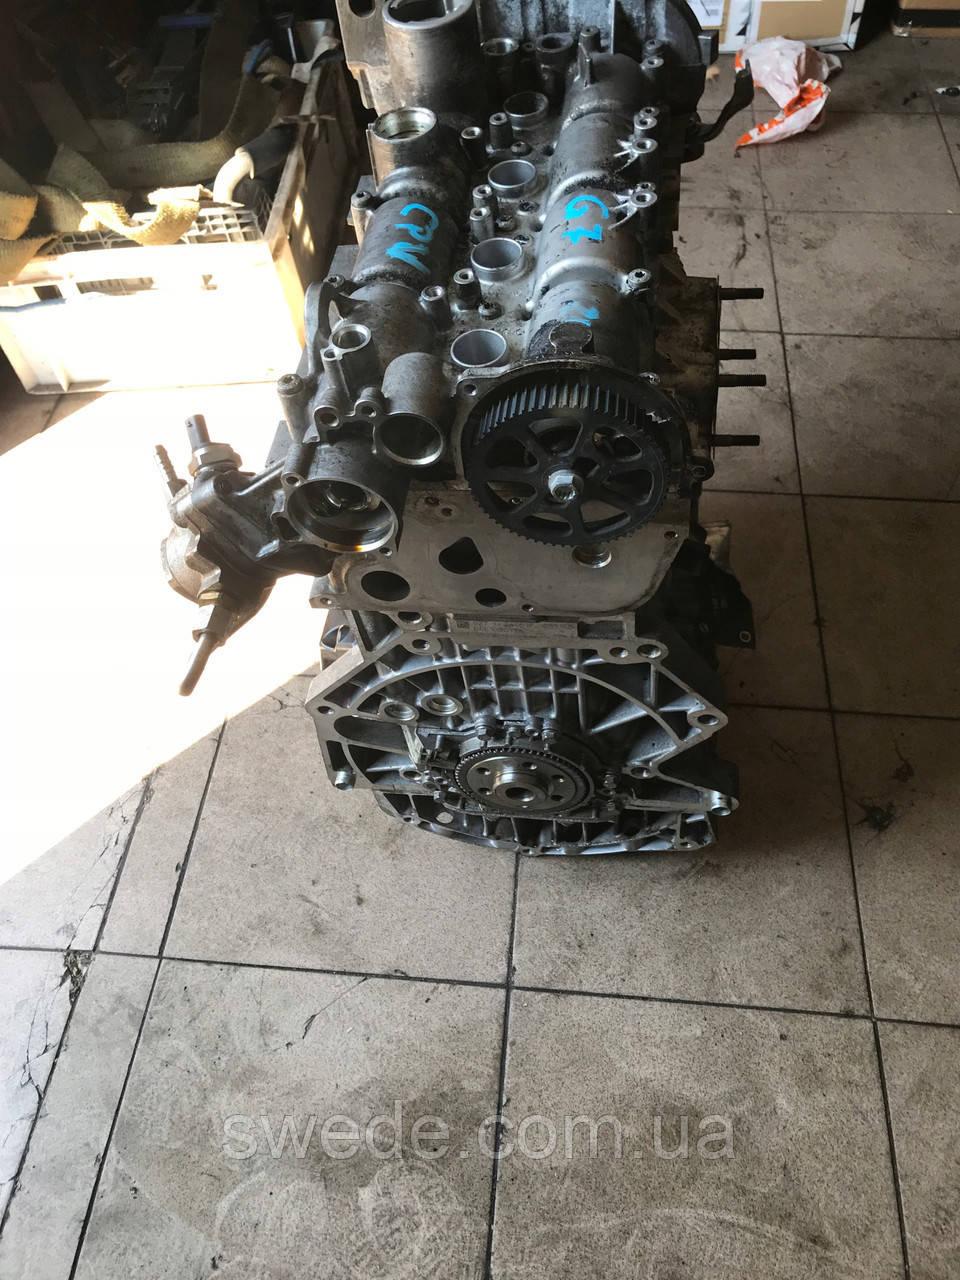 Двигатель Volkswagen Golf 7 1.4 TSI 2016 гг CPV